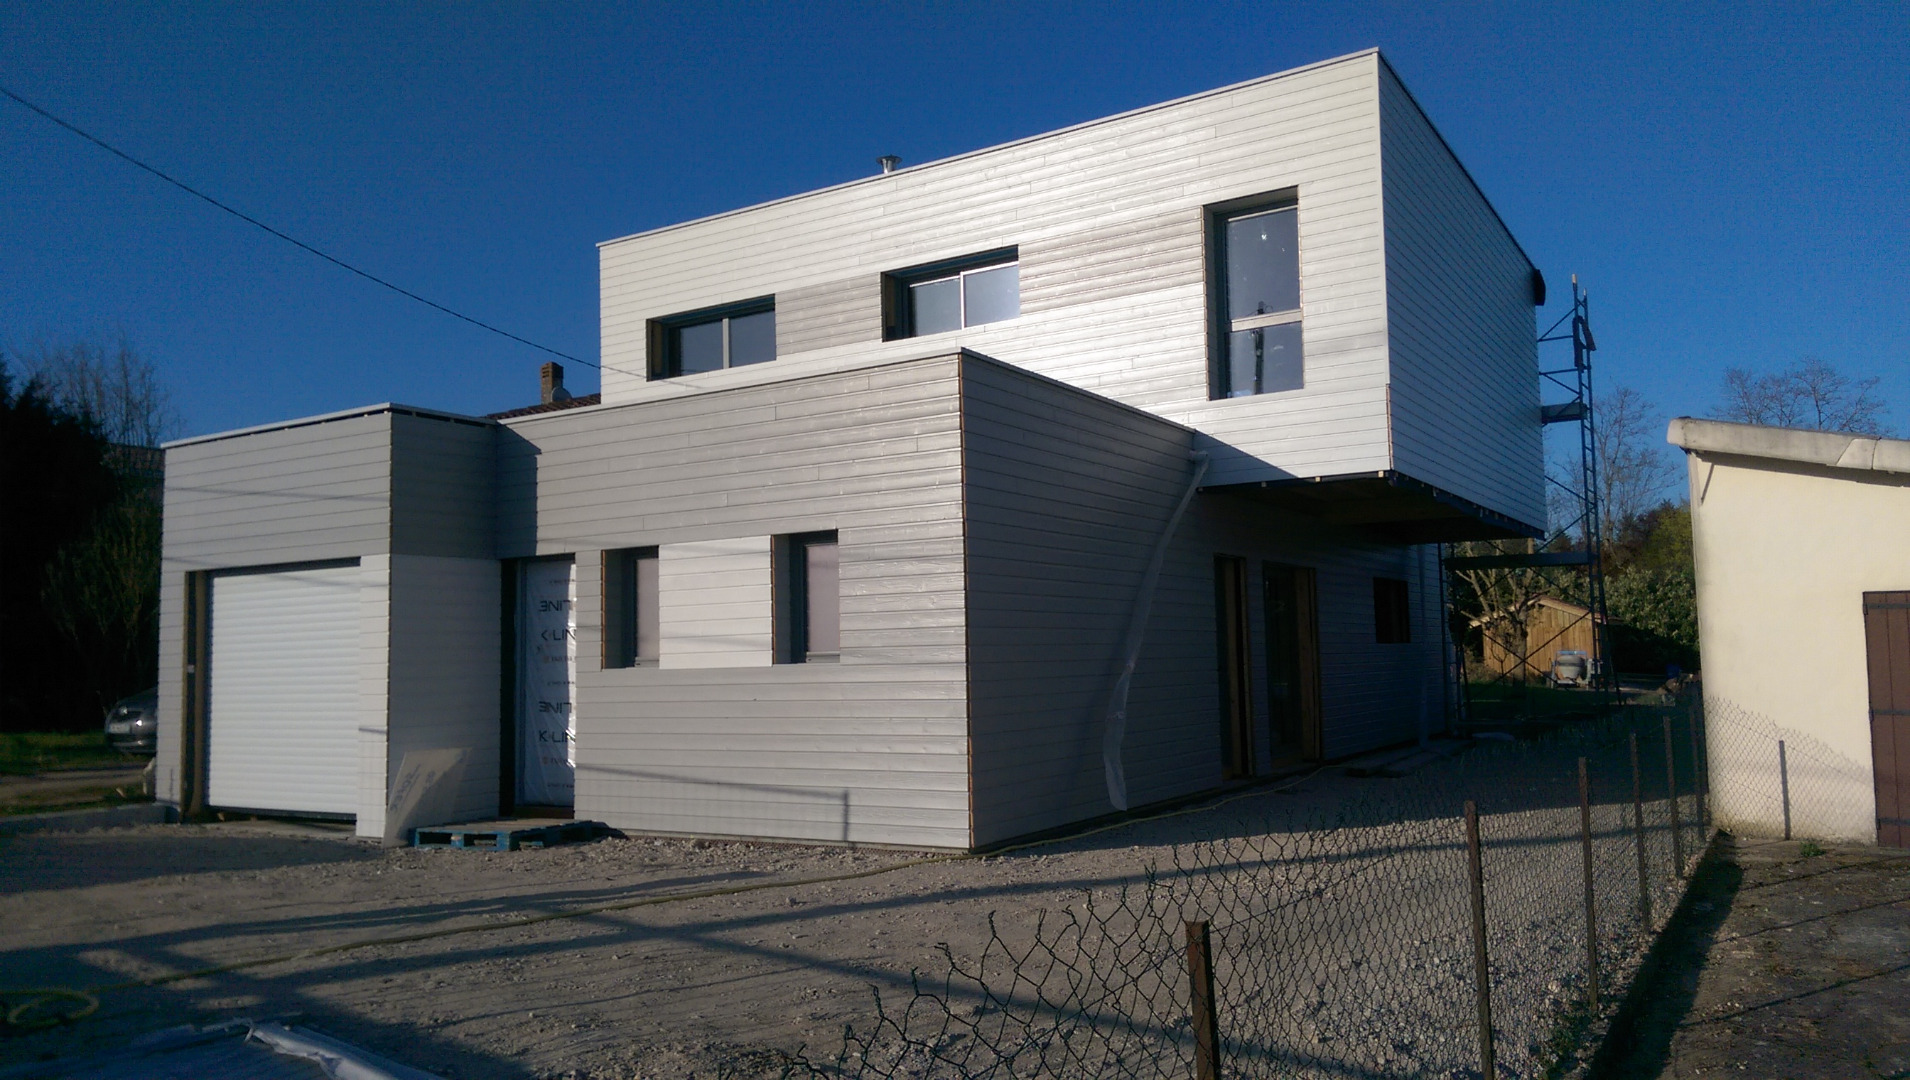 Crb r novations construction de maison bordeaux et ses enviorns for Construction maison neuve bordeaux